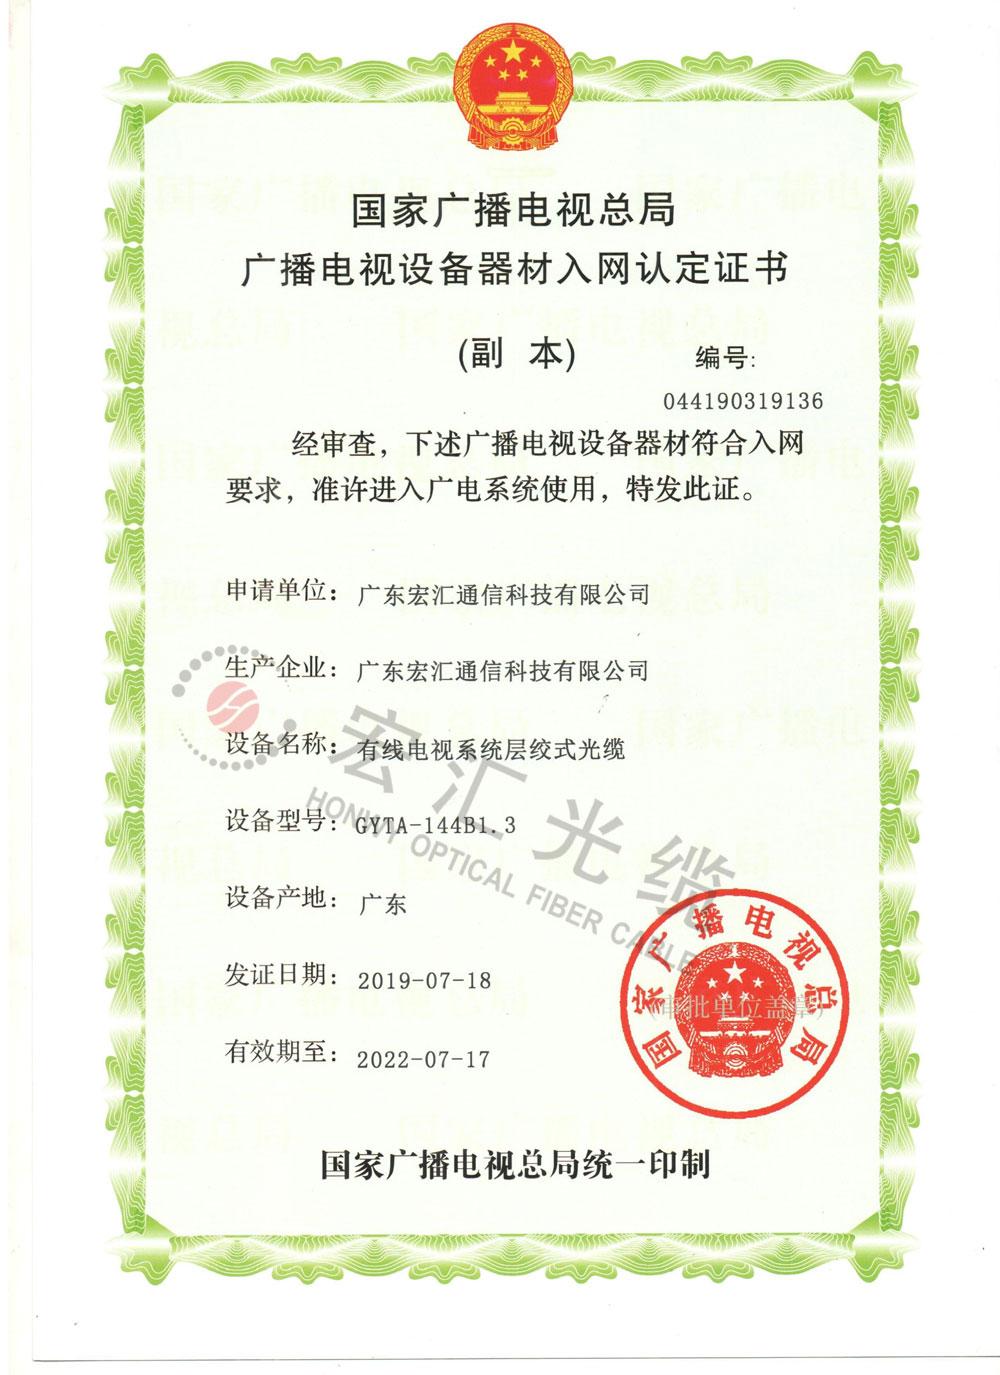 国家广电总局入网证书(GYTA)